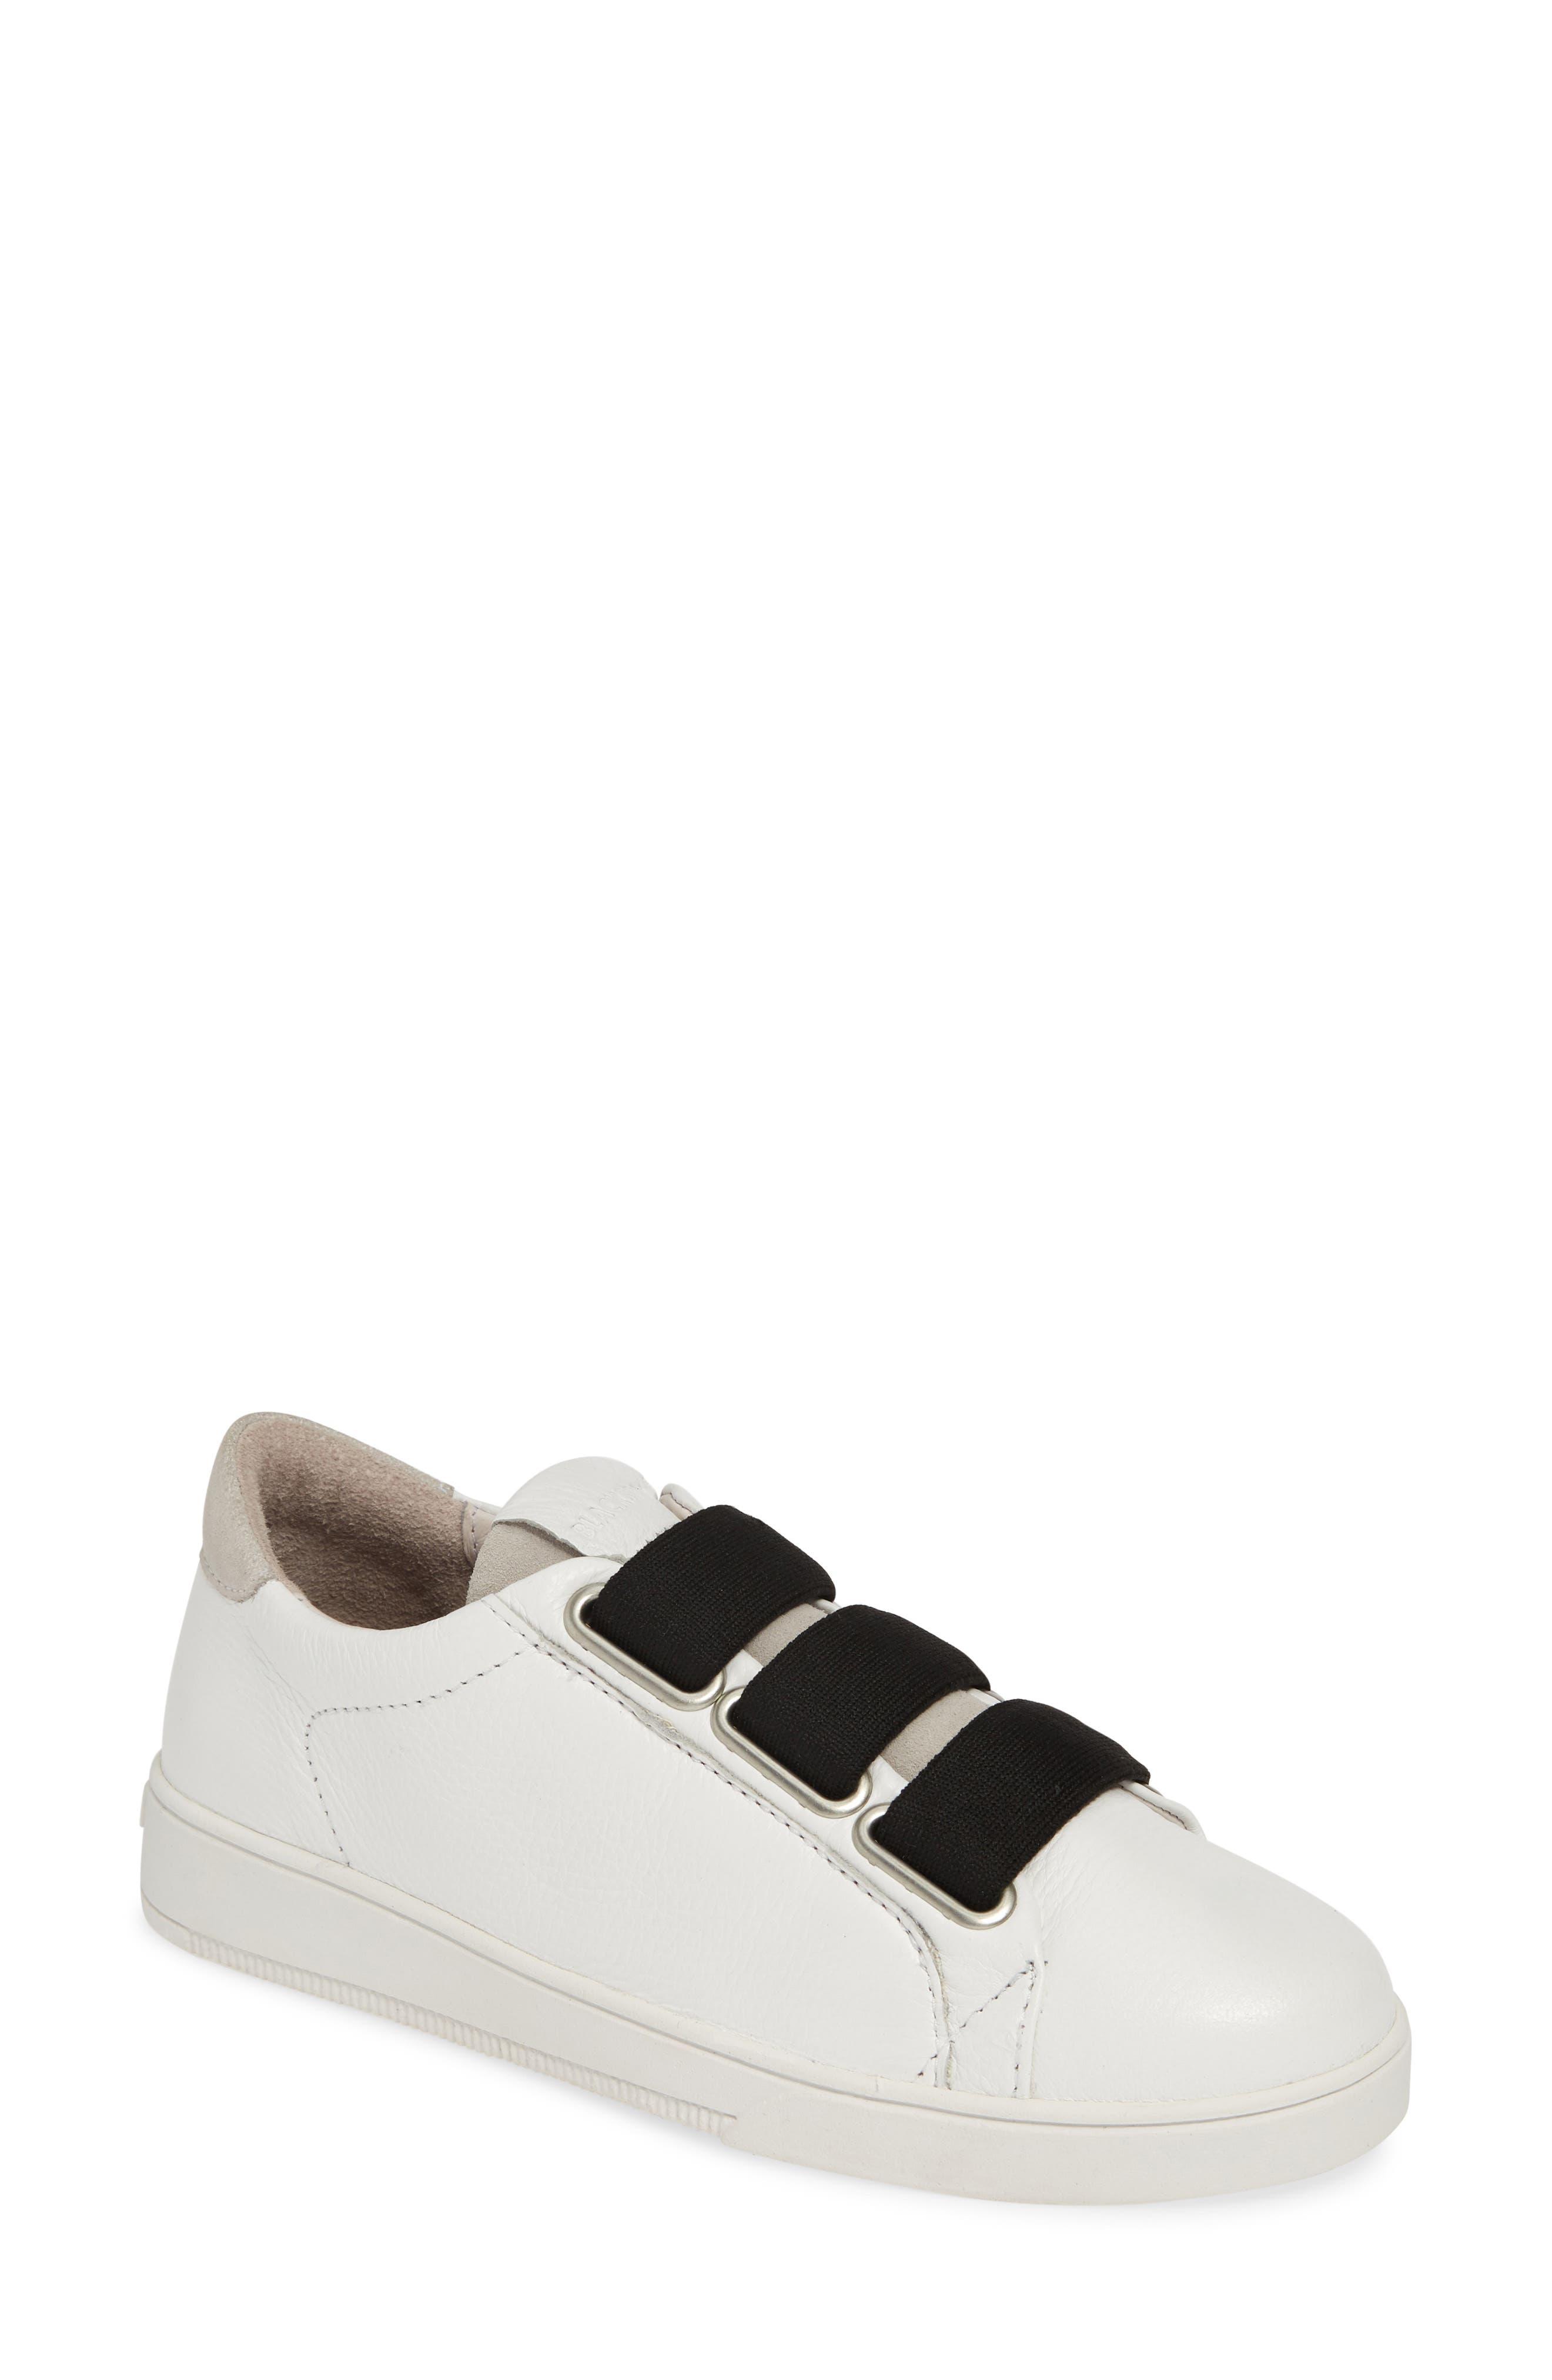 Rl82 Slip-On Sneaker